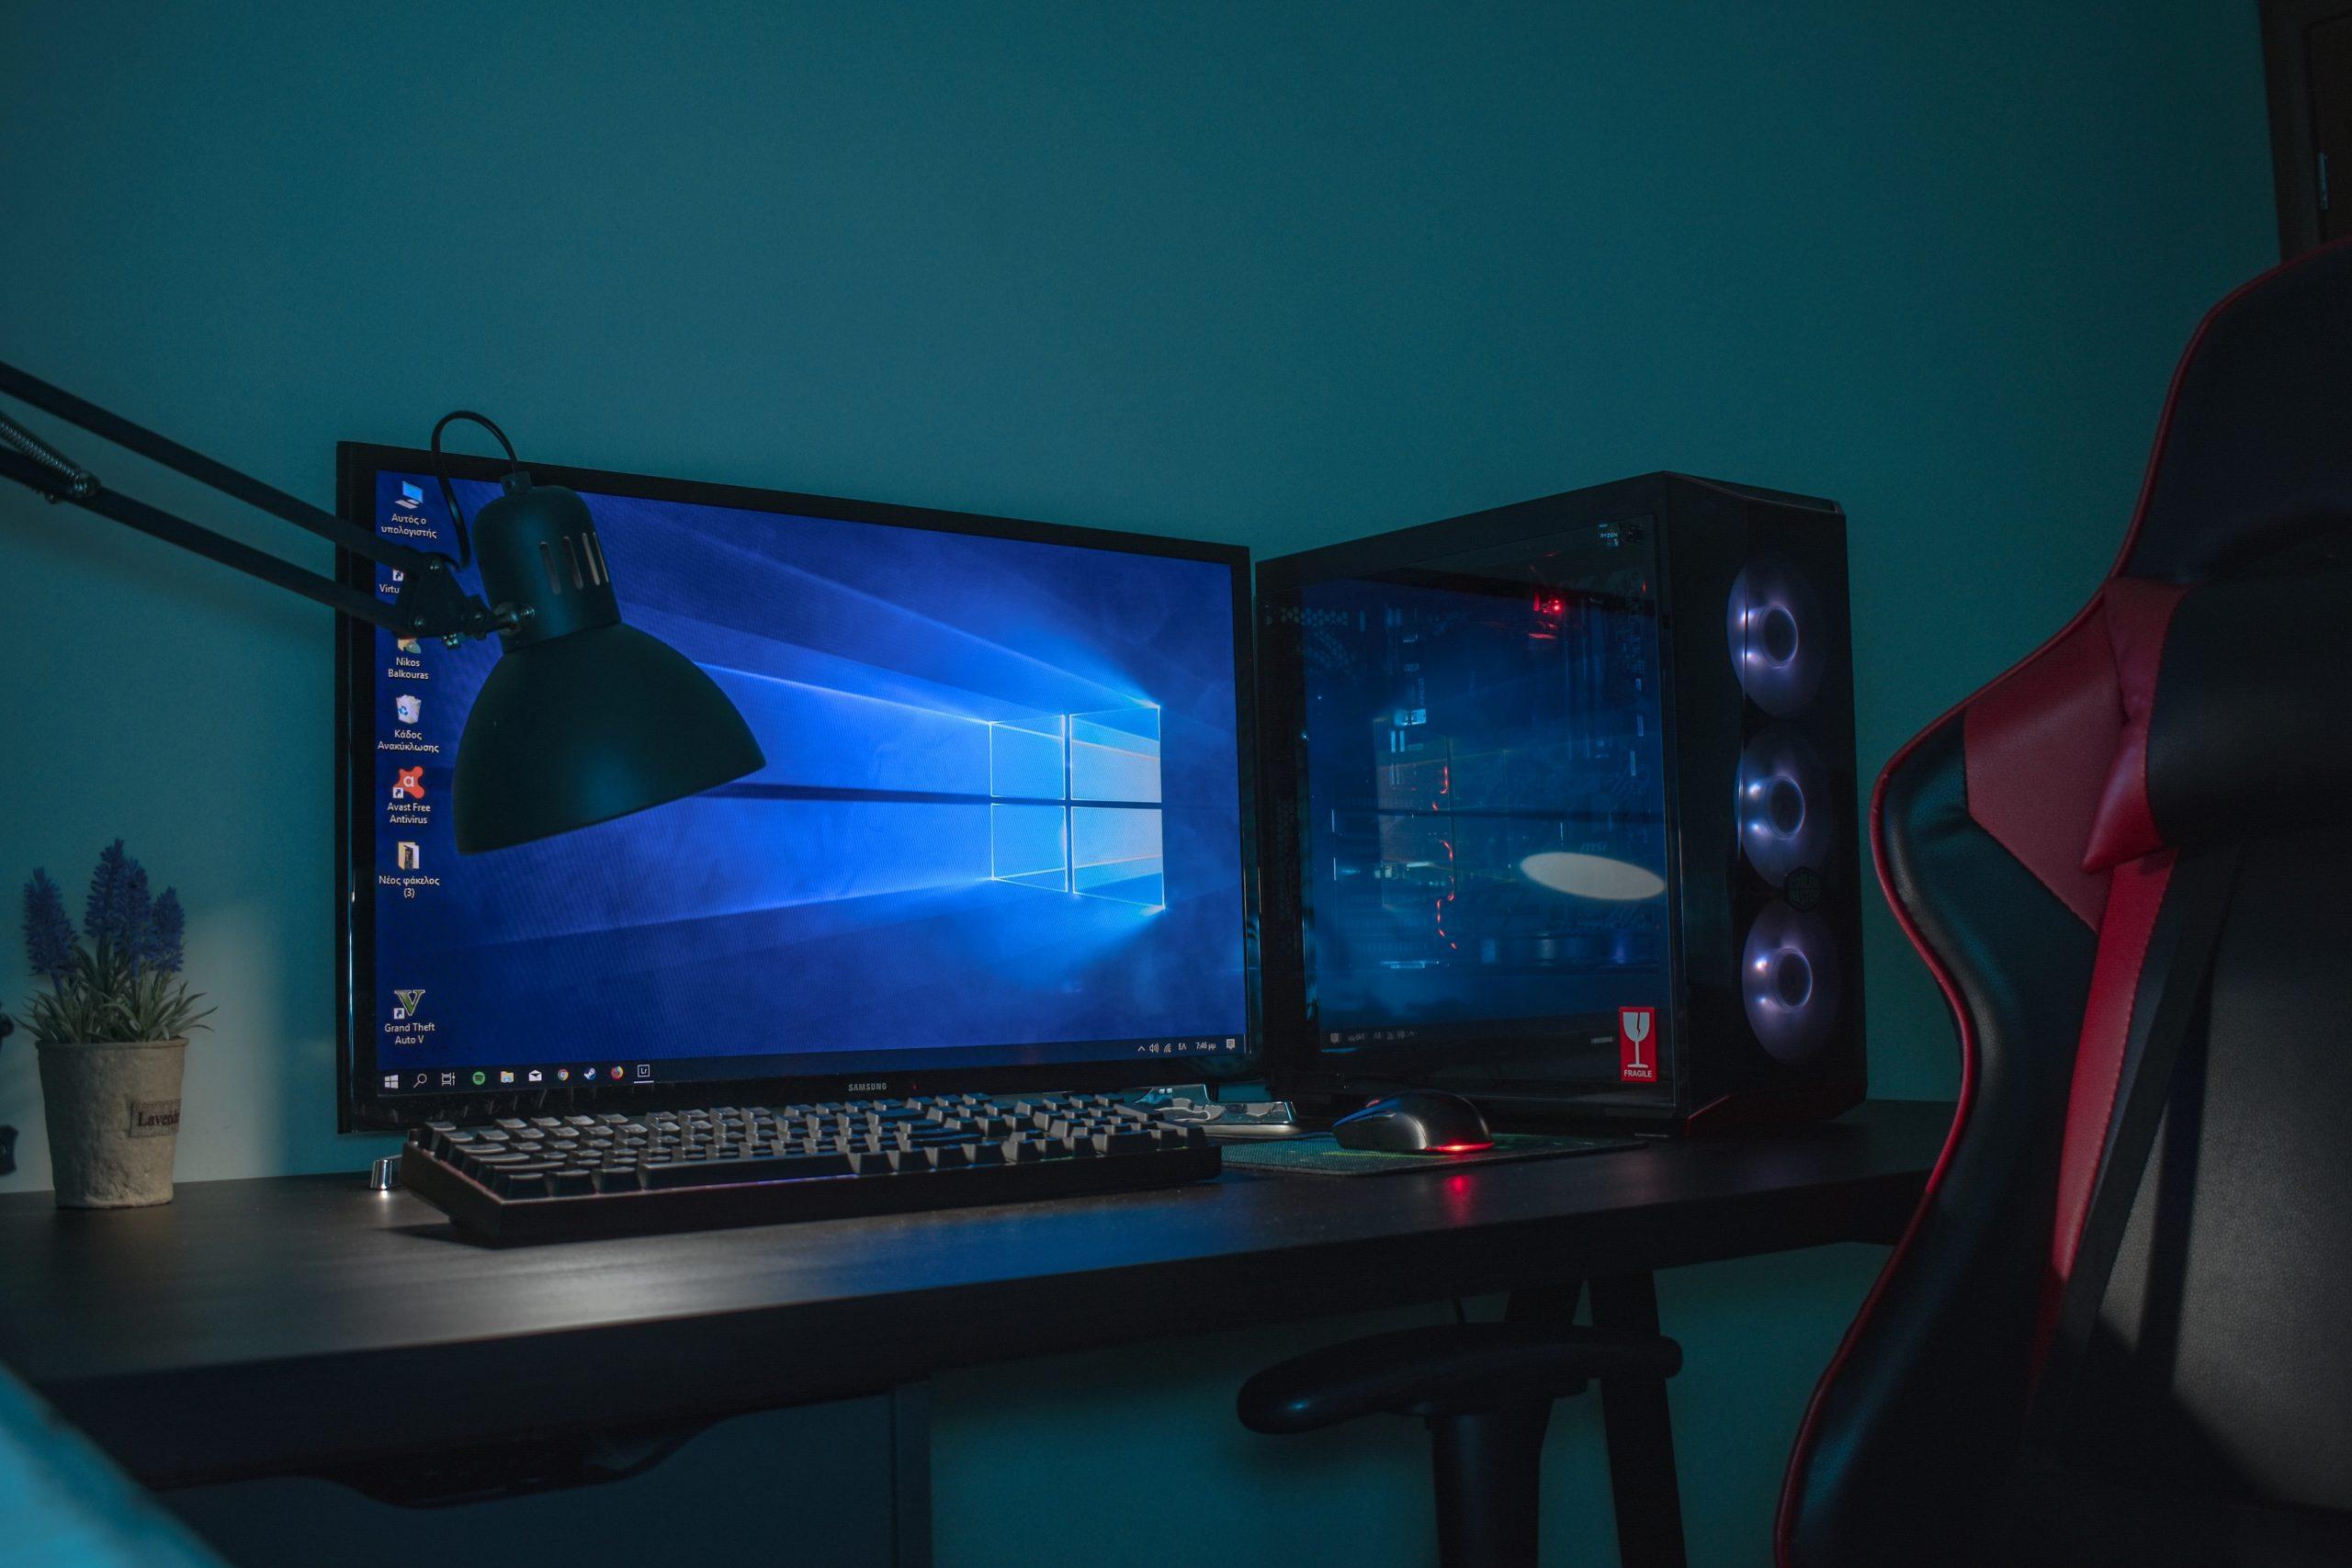 Miglior PC gaming 2021: Guida all'acquisto